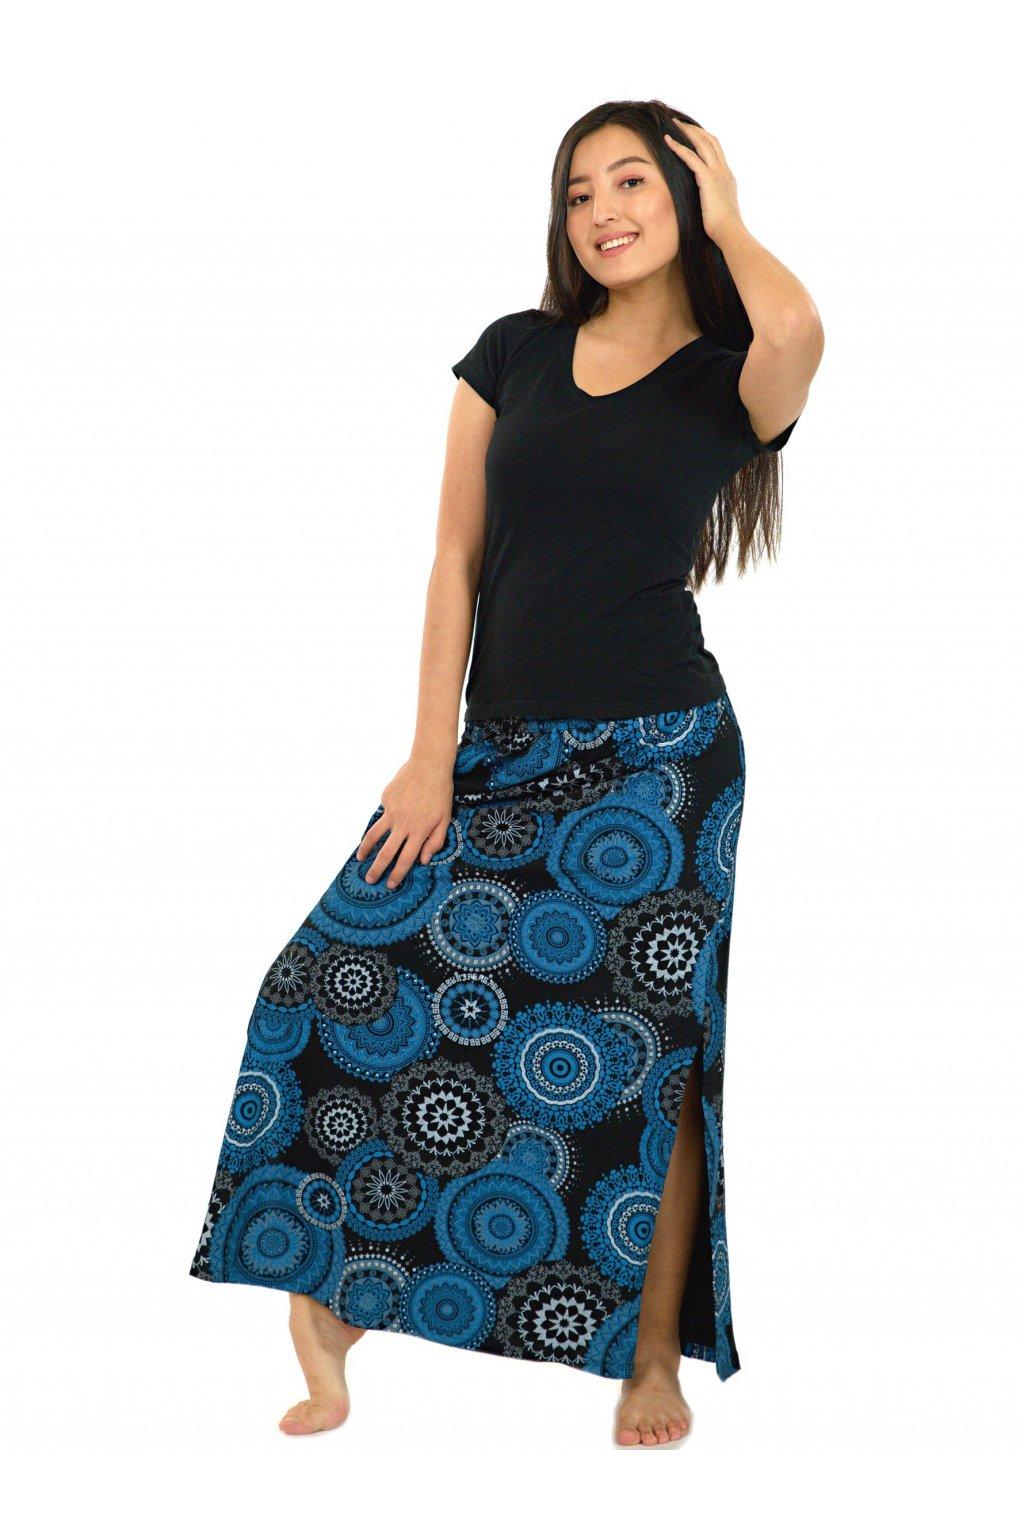 Dlouhá sukně Kilauea- černá s modrou